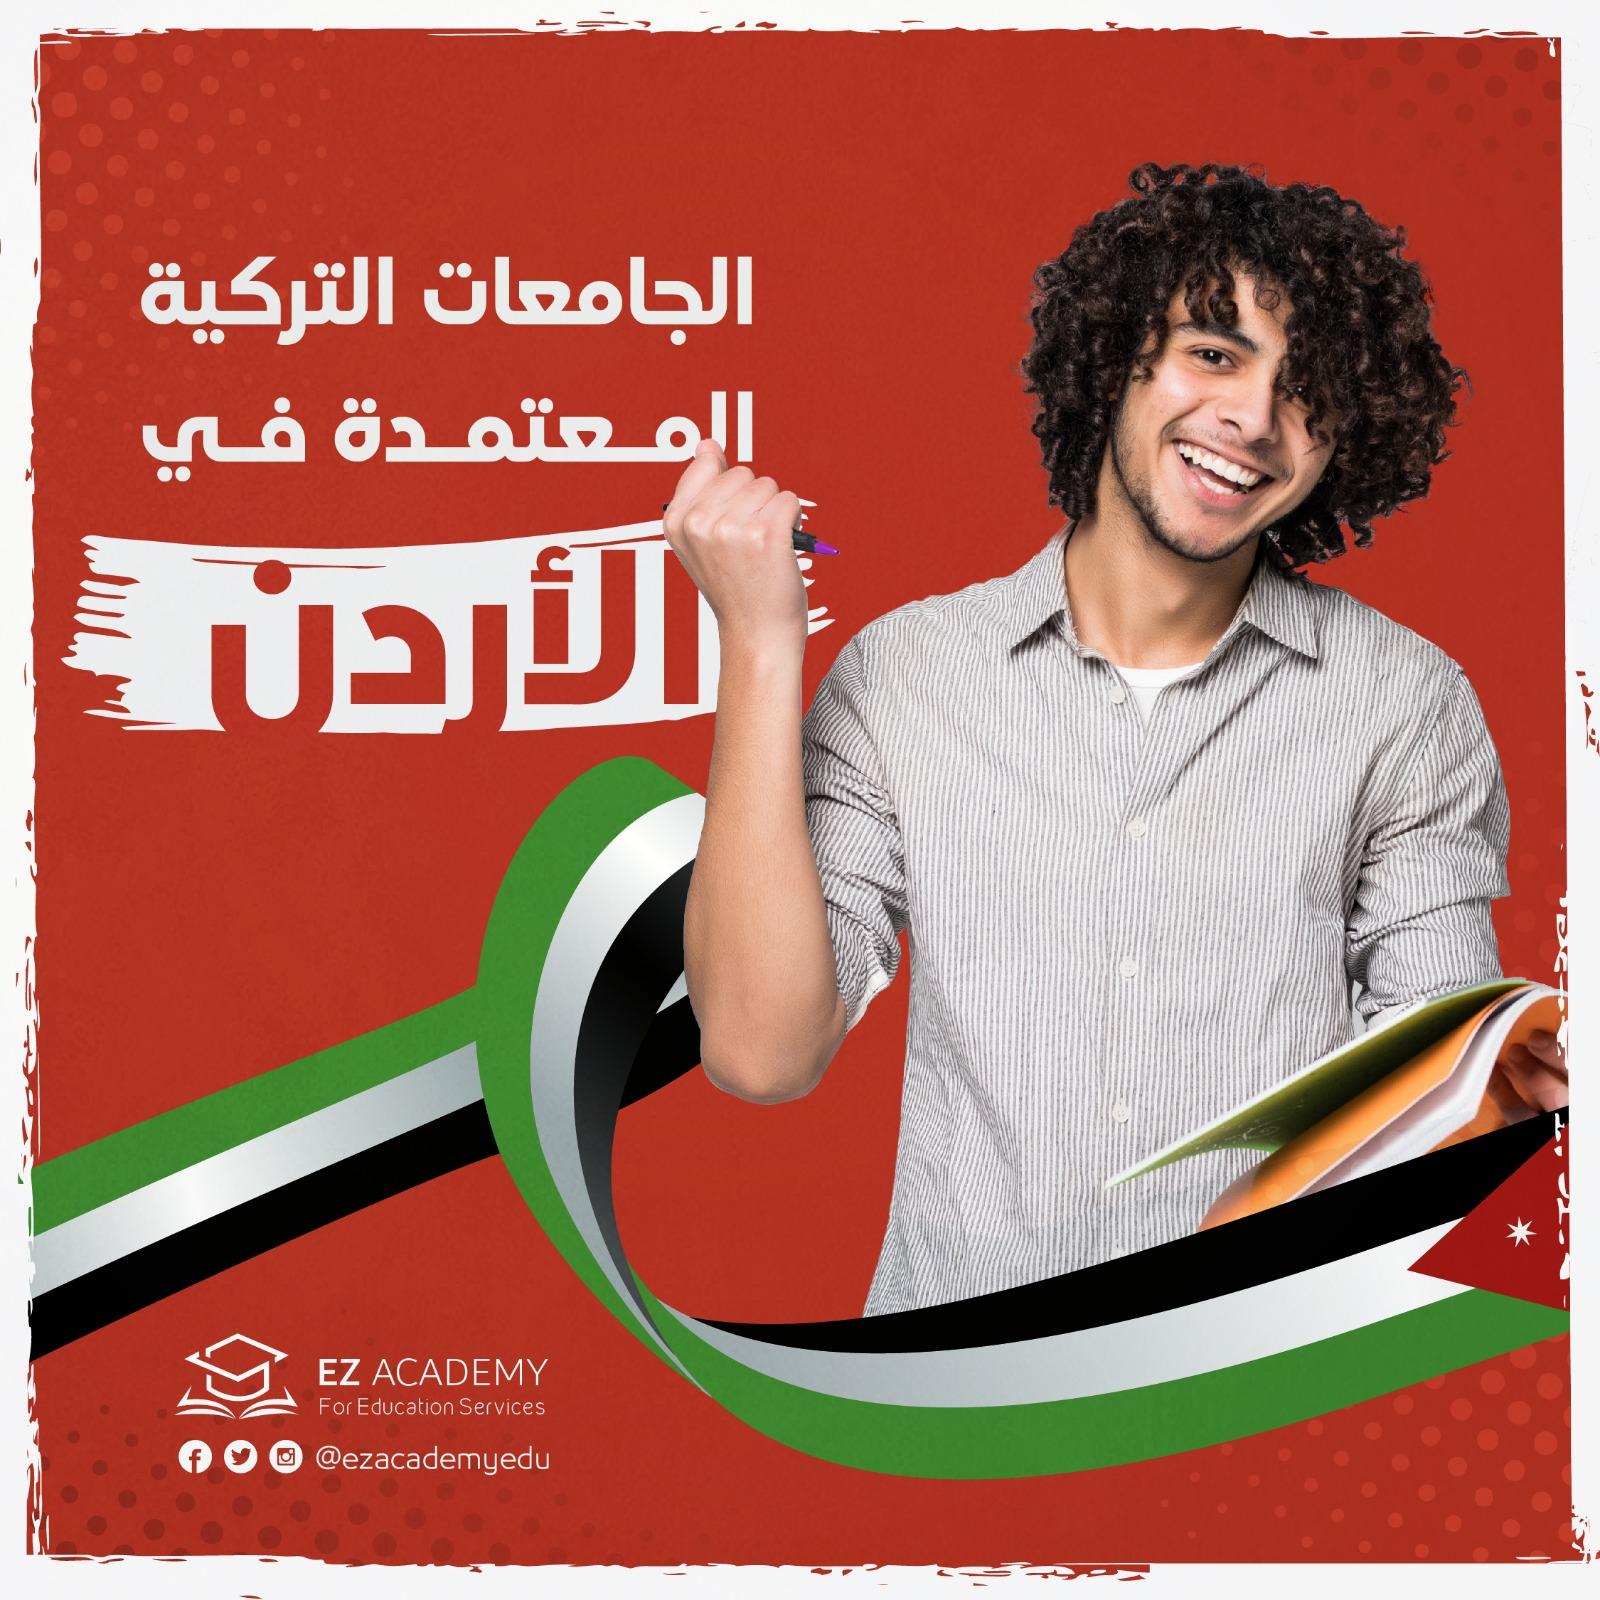 قائمة الجامعات التركية المعتمدة لدى وزارة التعليم الأردنية | EZ Academy